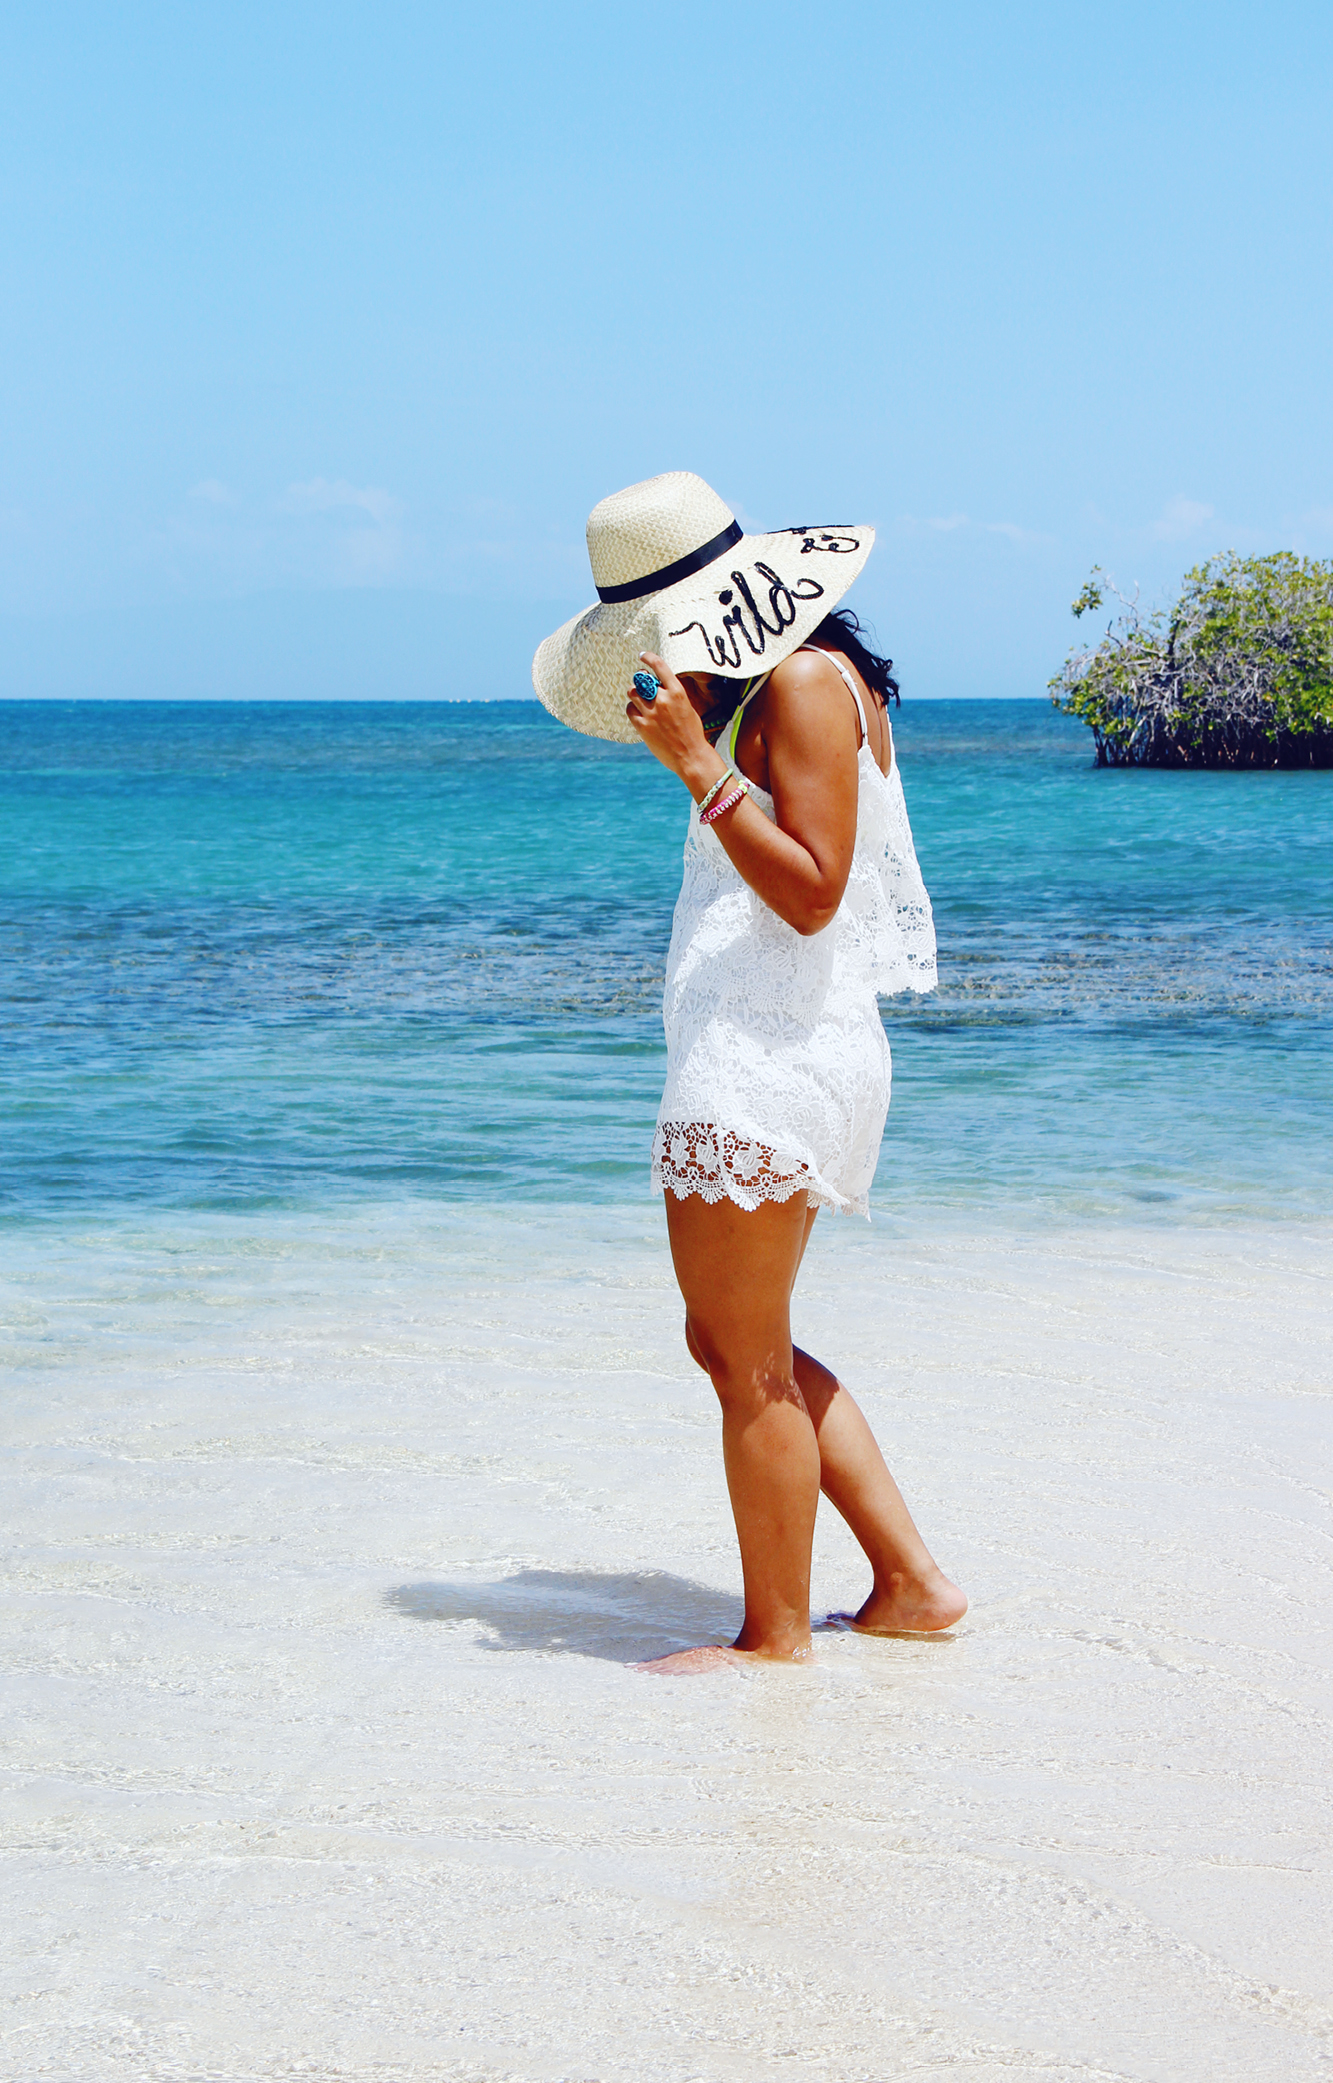 """Un Viaje En Bote A La Playa """"Los Corbanitos"""" // En este momento, El Corbanitos es una playa desolada en Baní, pero promete ser la nueva atracción turística en la República Dominicana en los próximos años."""